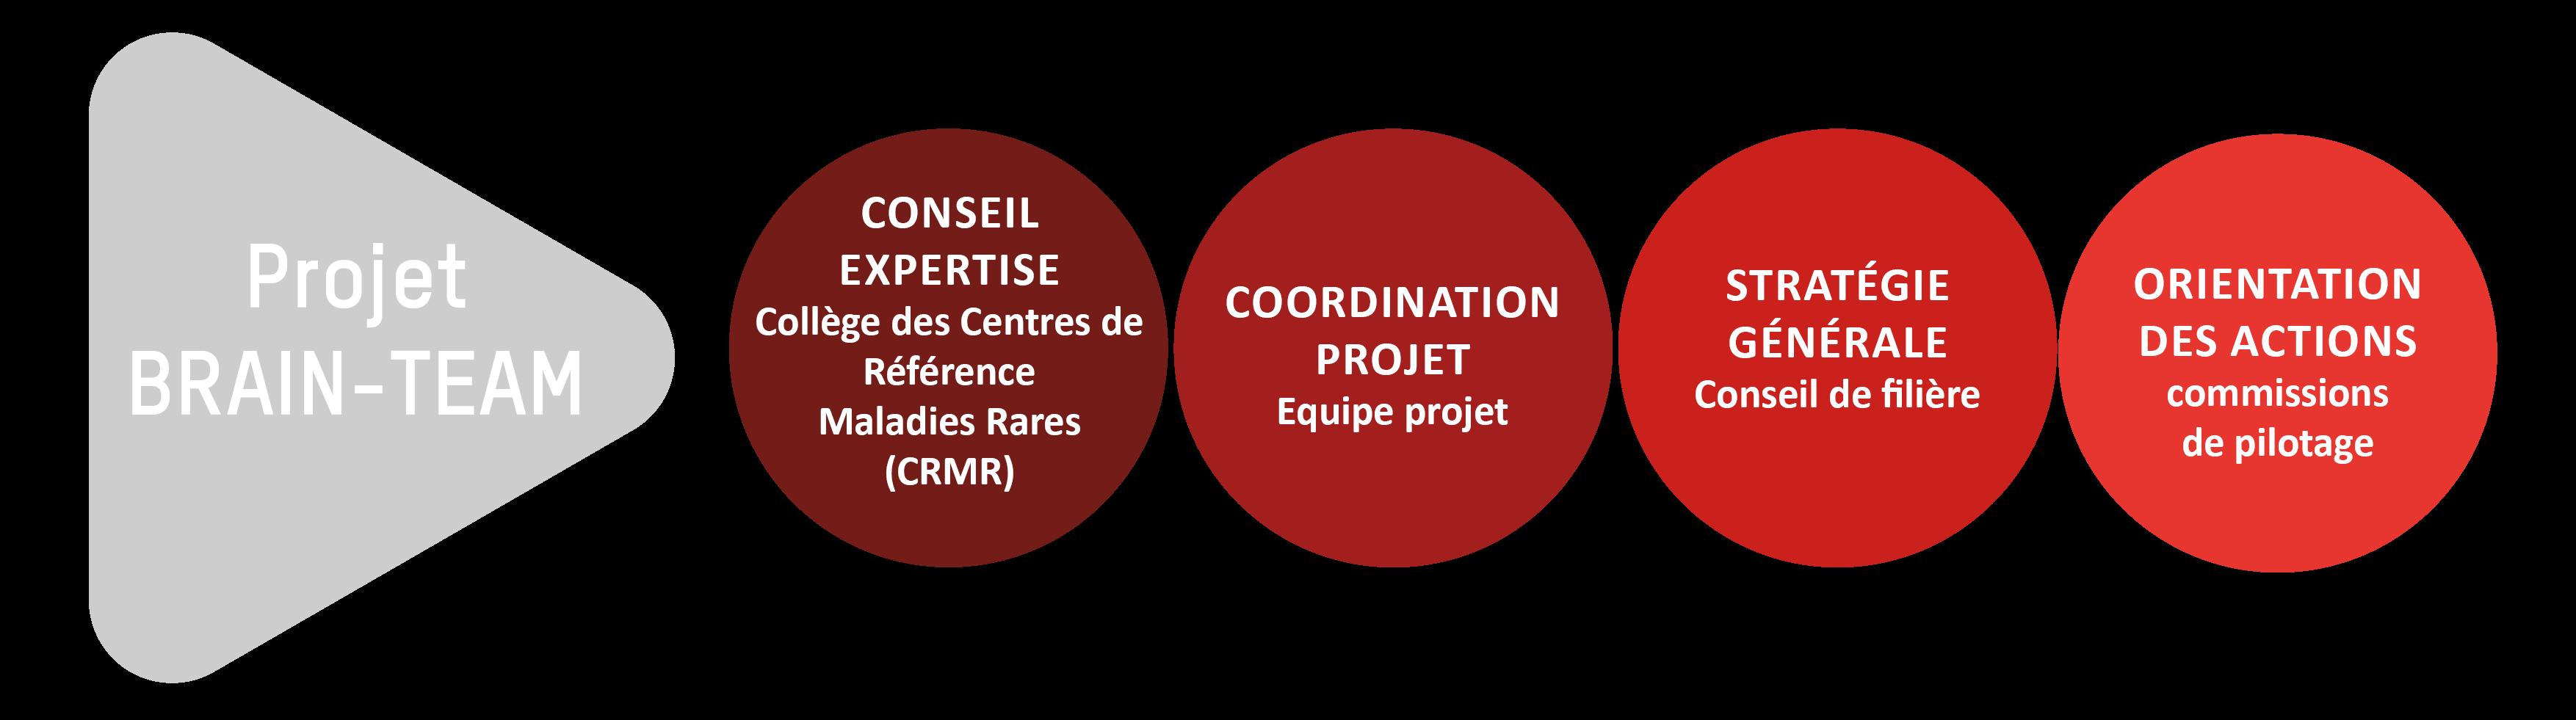 Info organisation 20180827